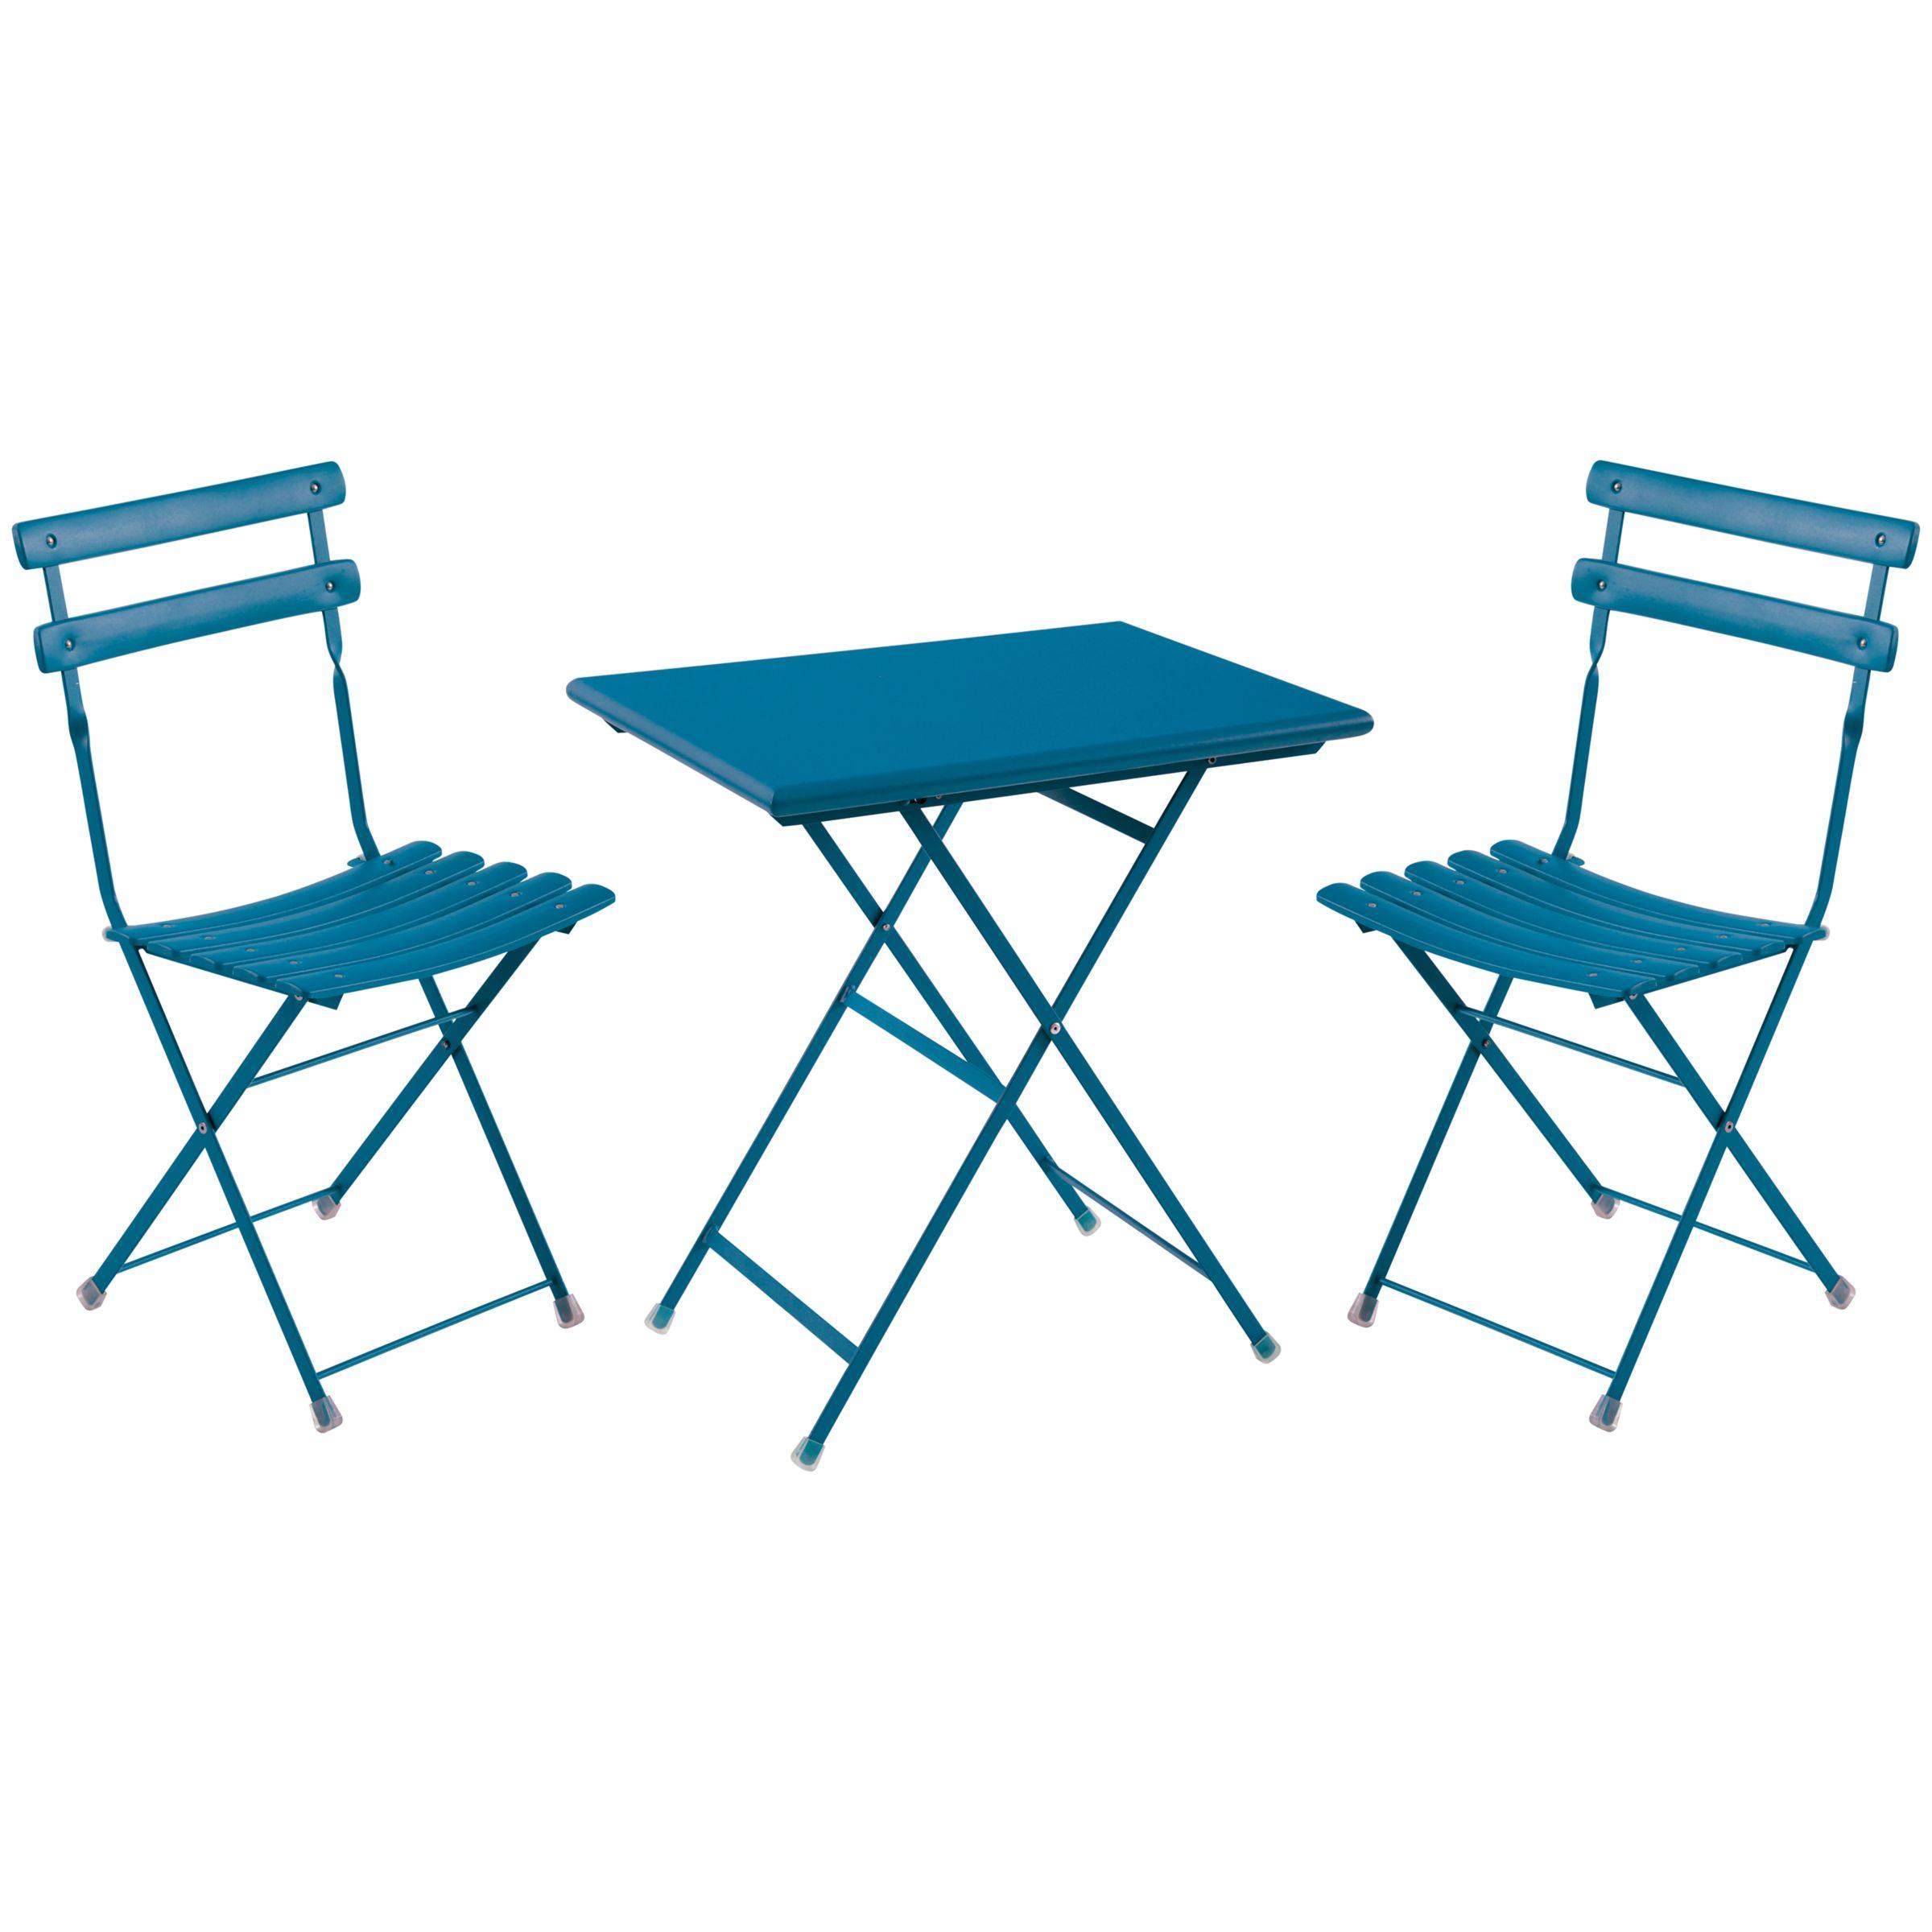 EMU Arc en Ciel 2 Seater Square Outdoor Furniture Set, Blue